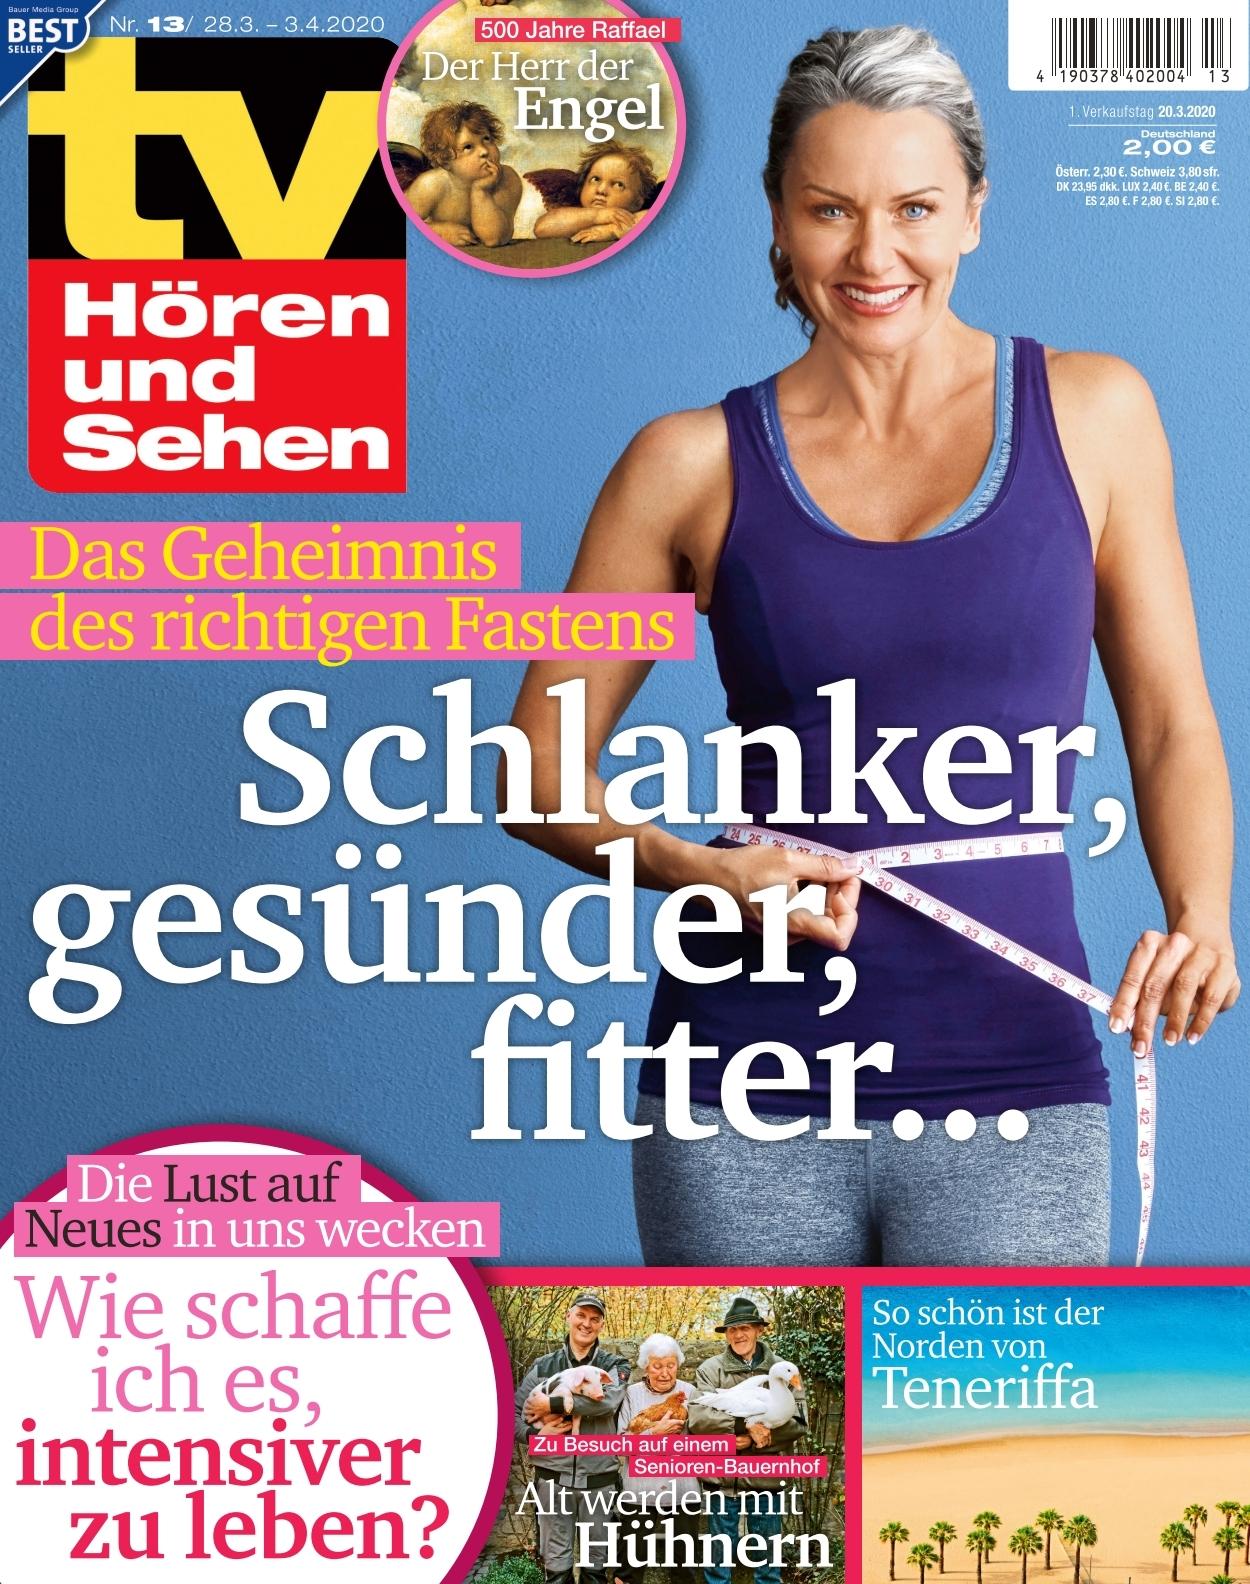 Tv Horen Und Sehen Ausgabe 13 2020